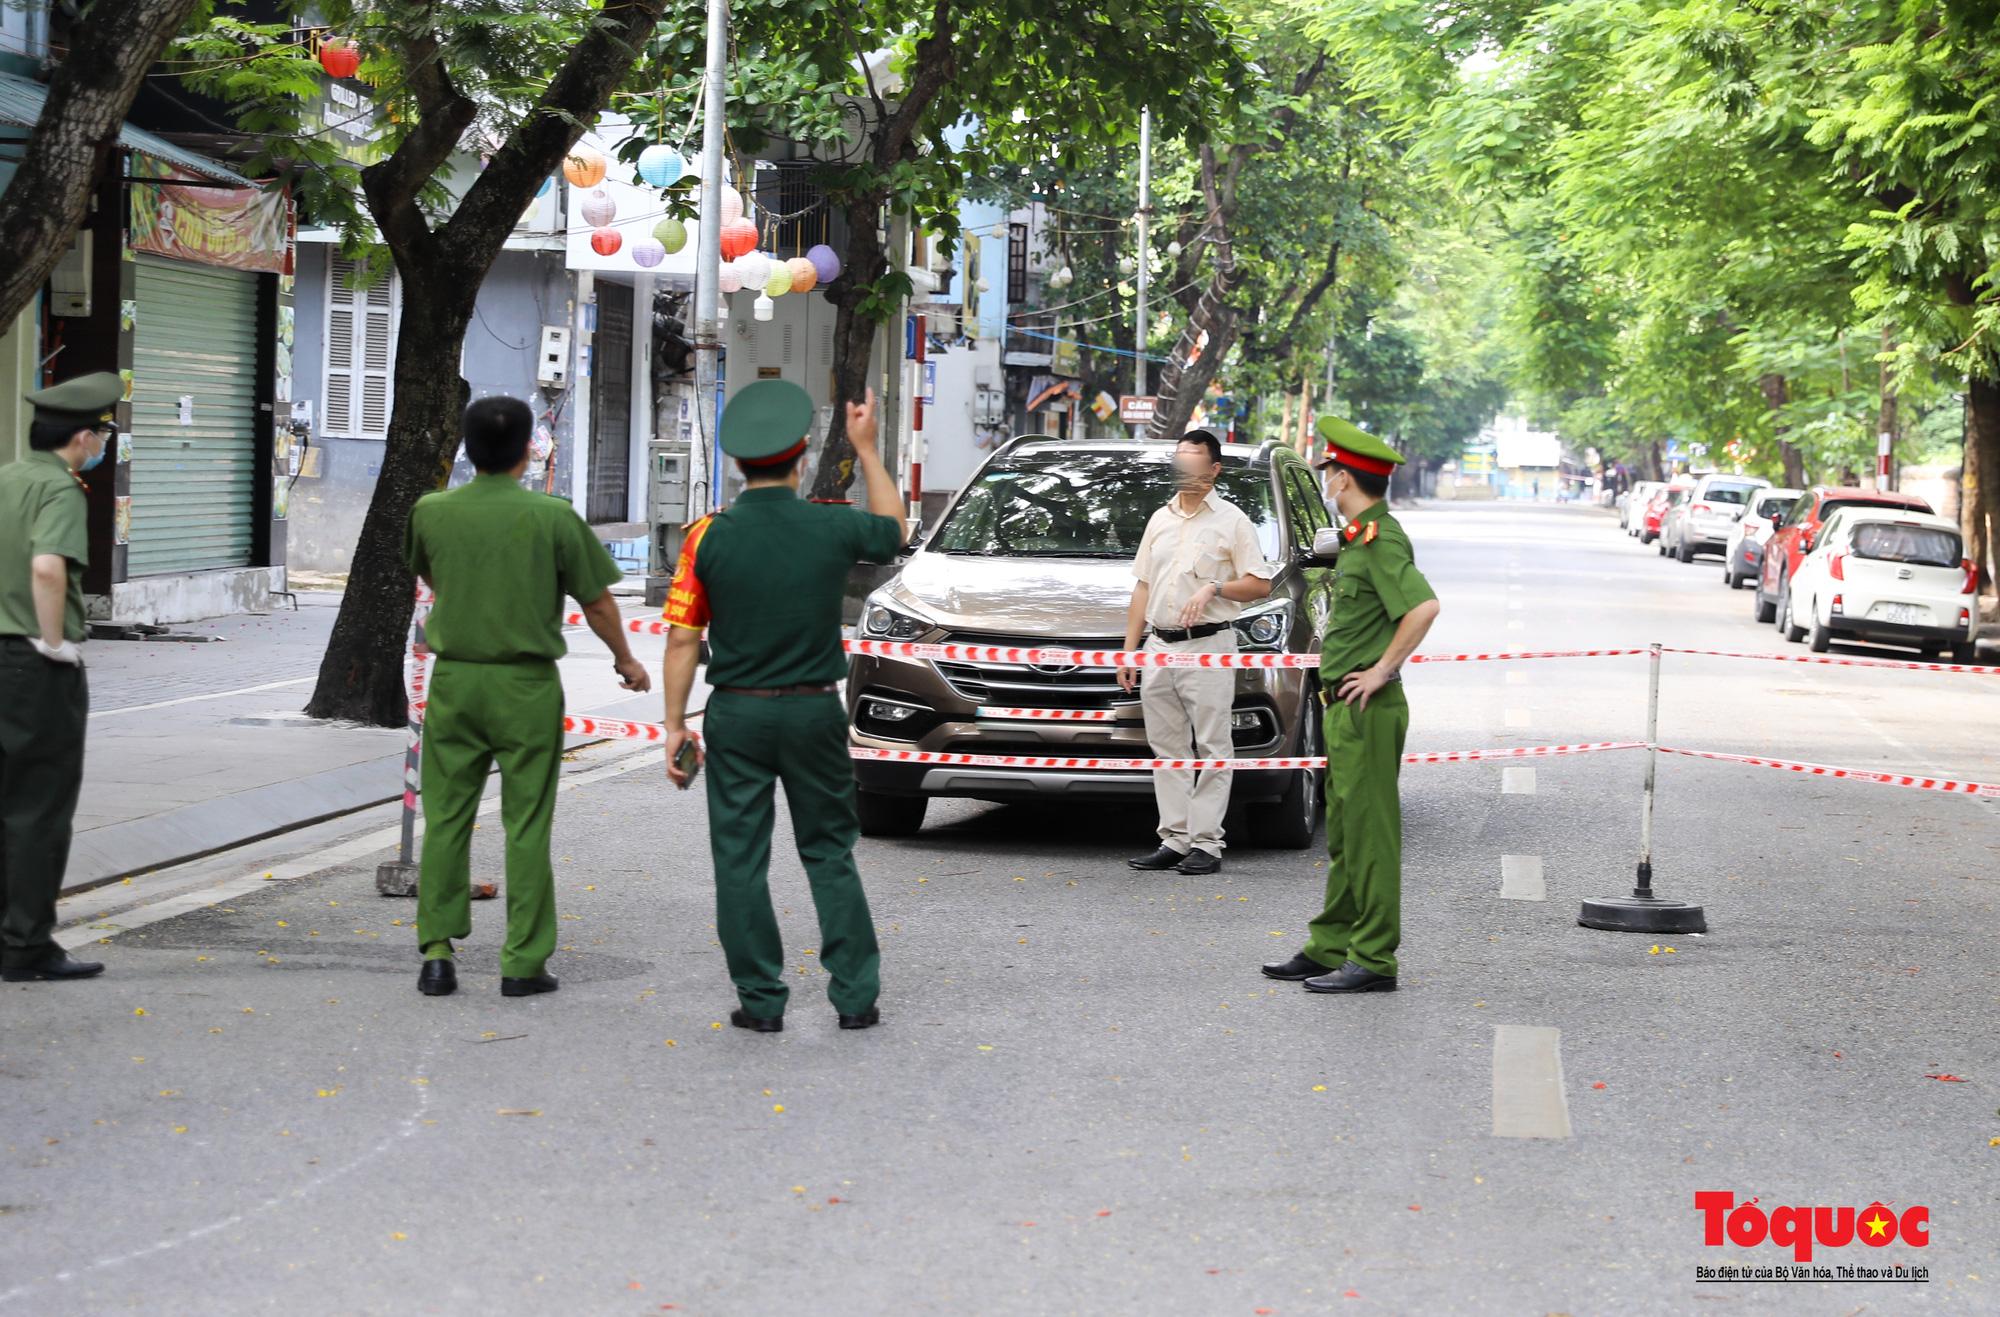 Hà Nội: Phong tỏa 2 phường Văn Miếu, Văn Chương, người dân xếp hàng tiếp tế cho khu cách ly - Ảnh 15.